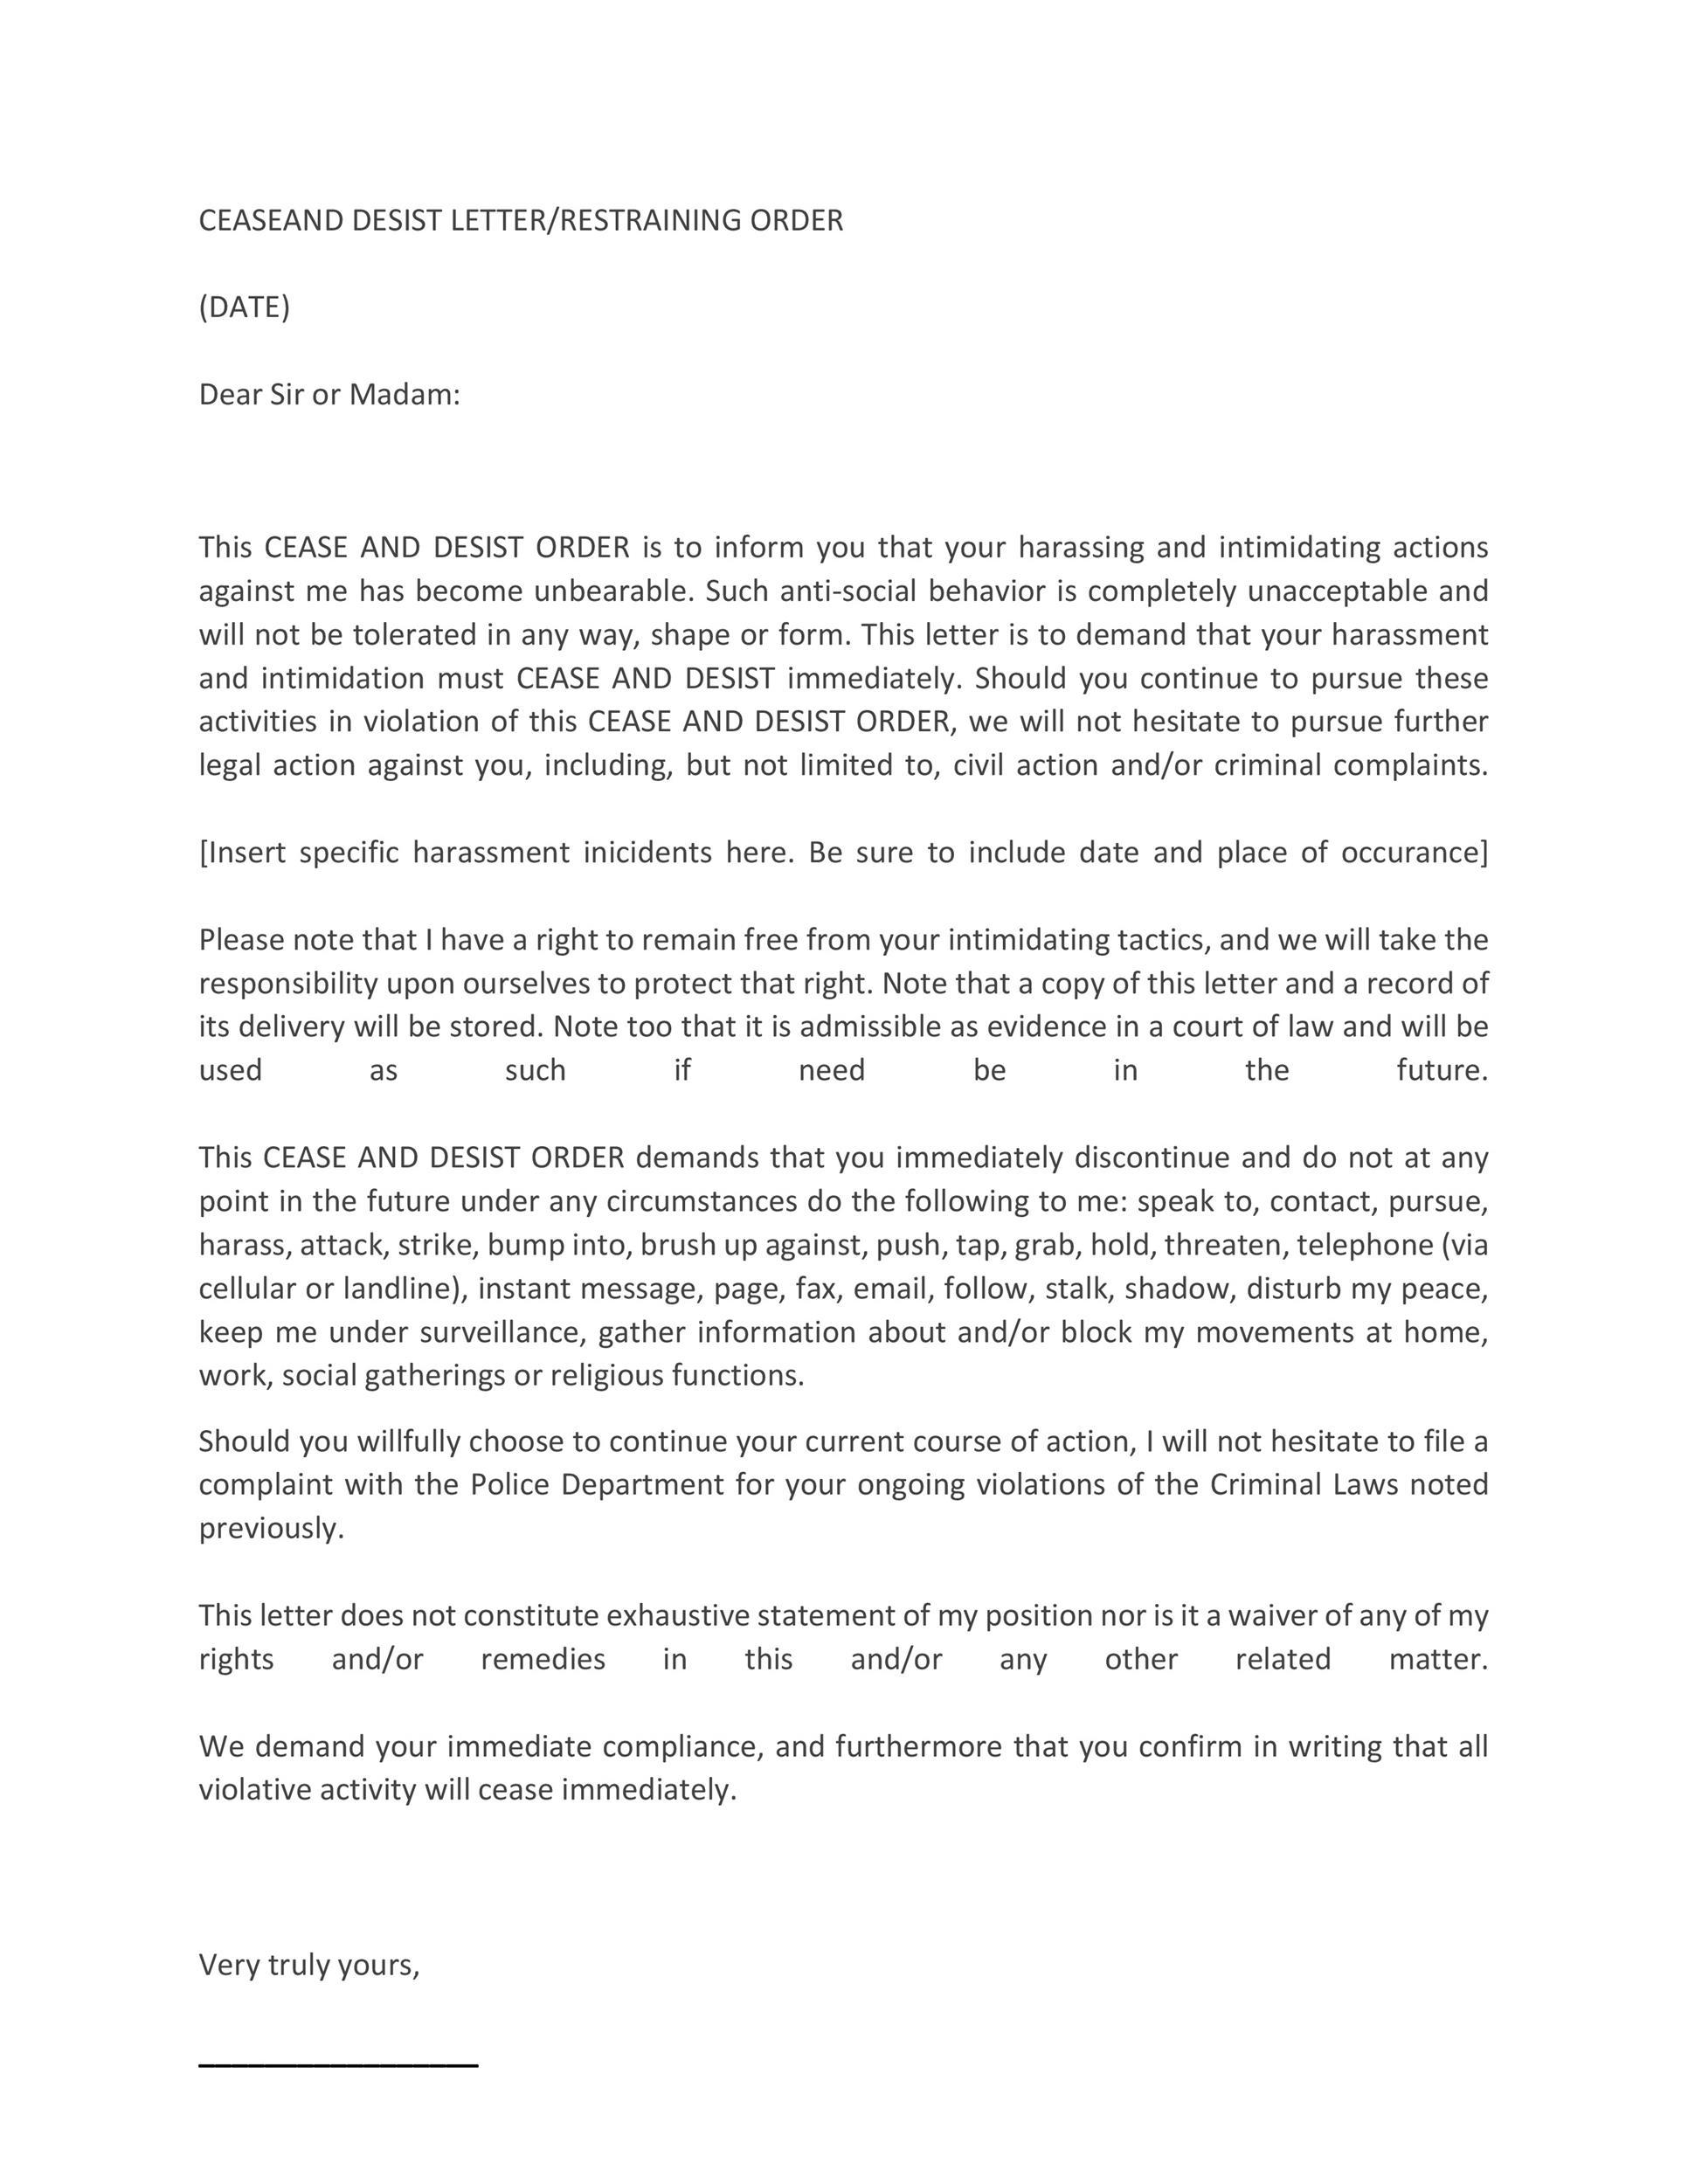 Sample Restraining Order Letter